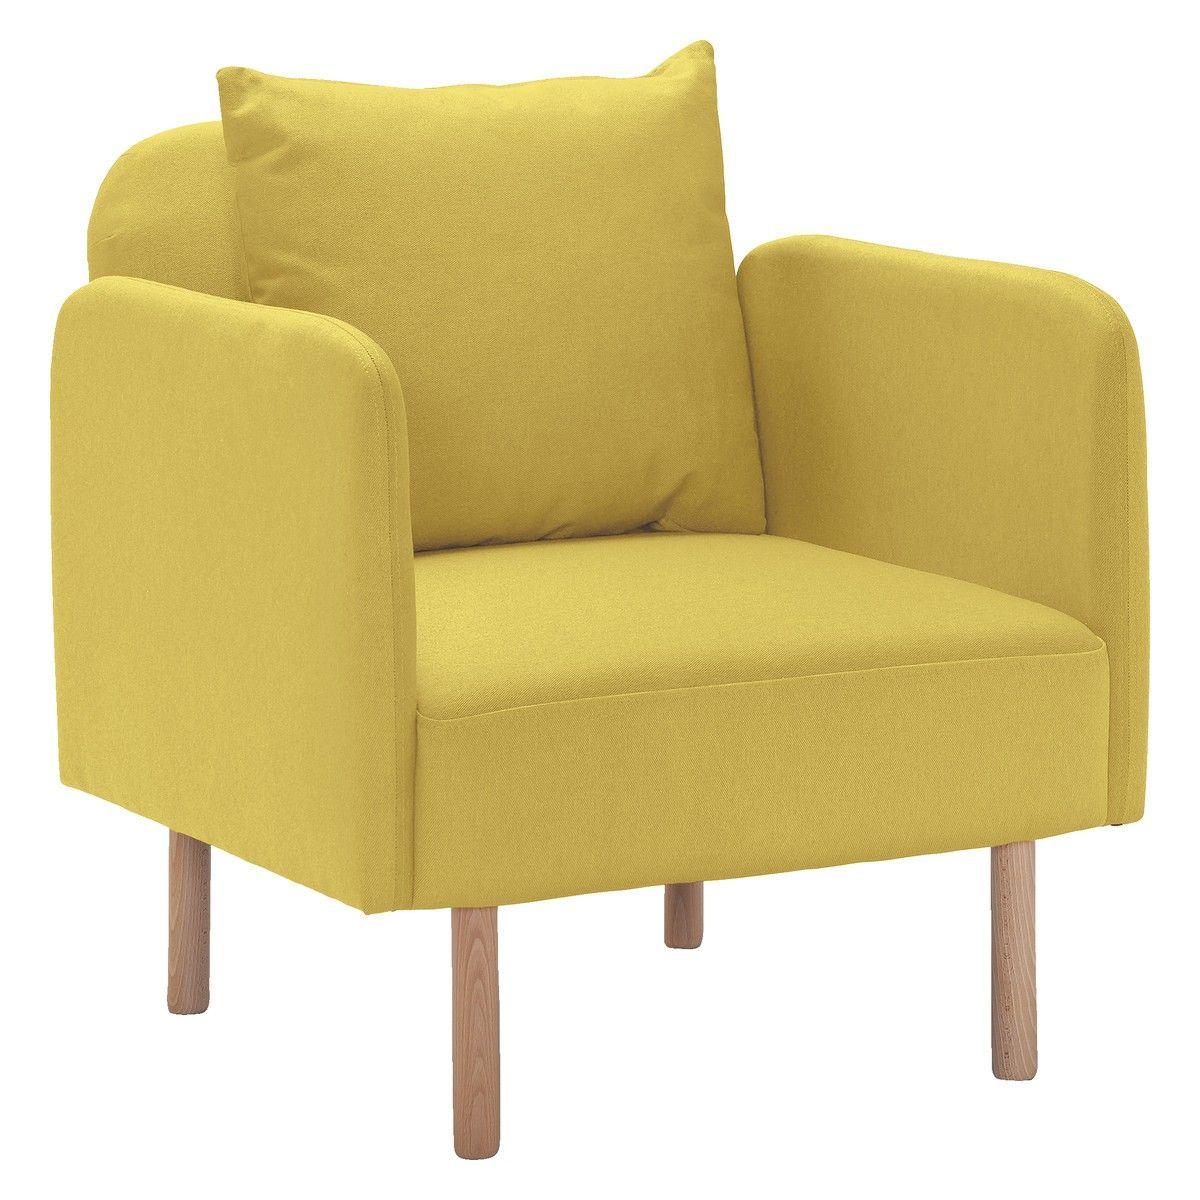 FINO Saffron fabric armchair